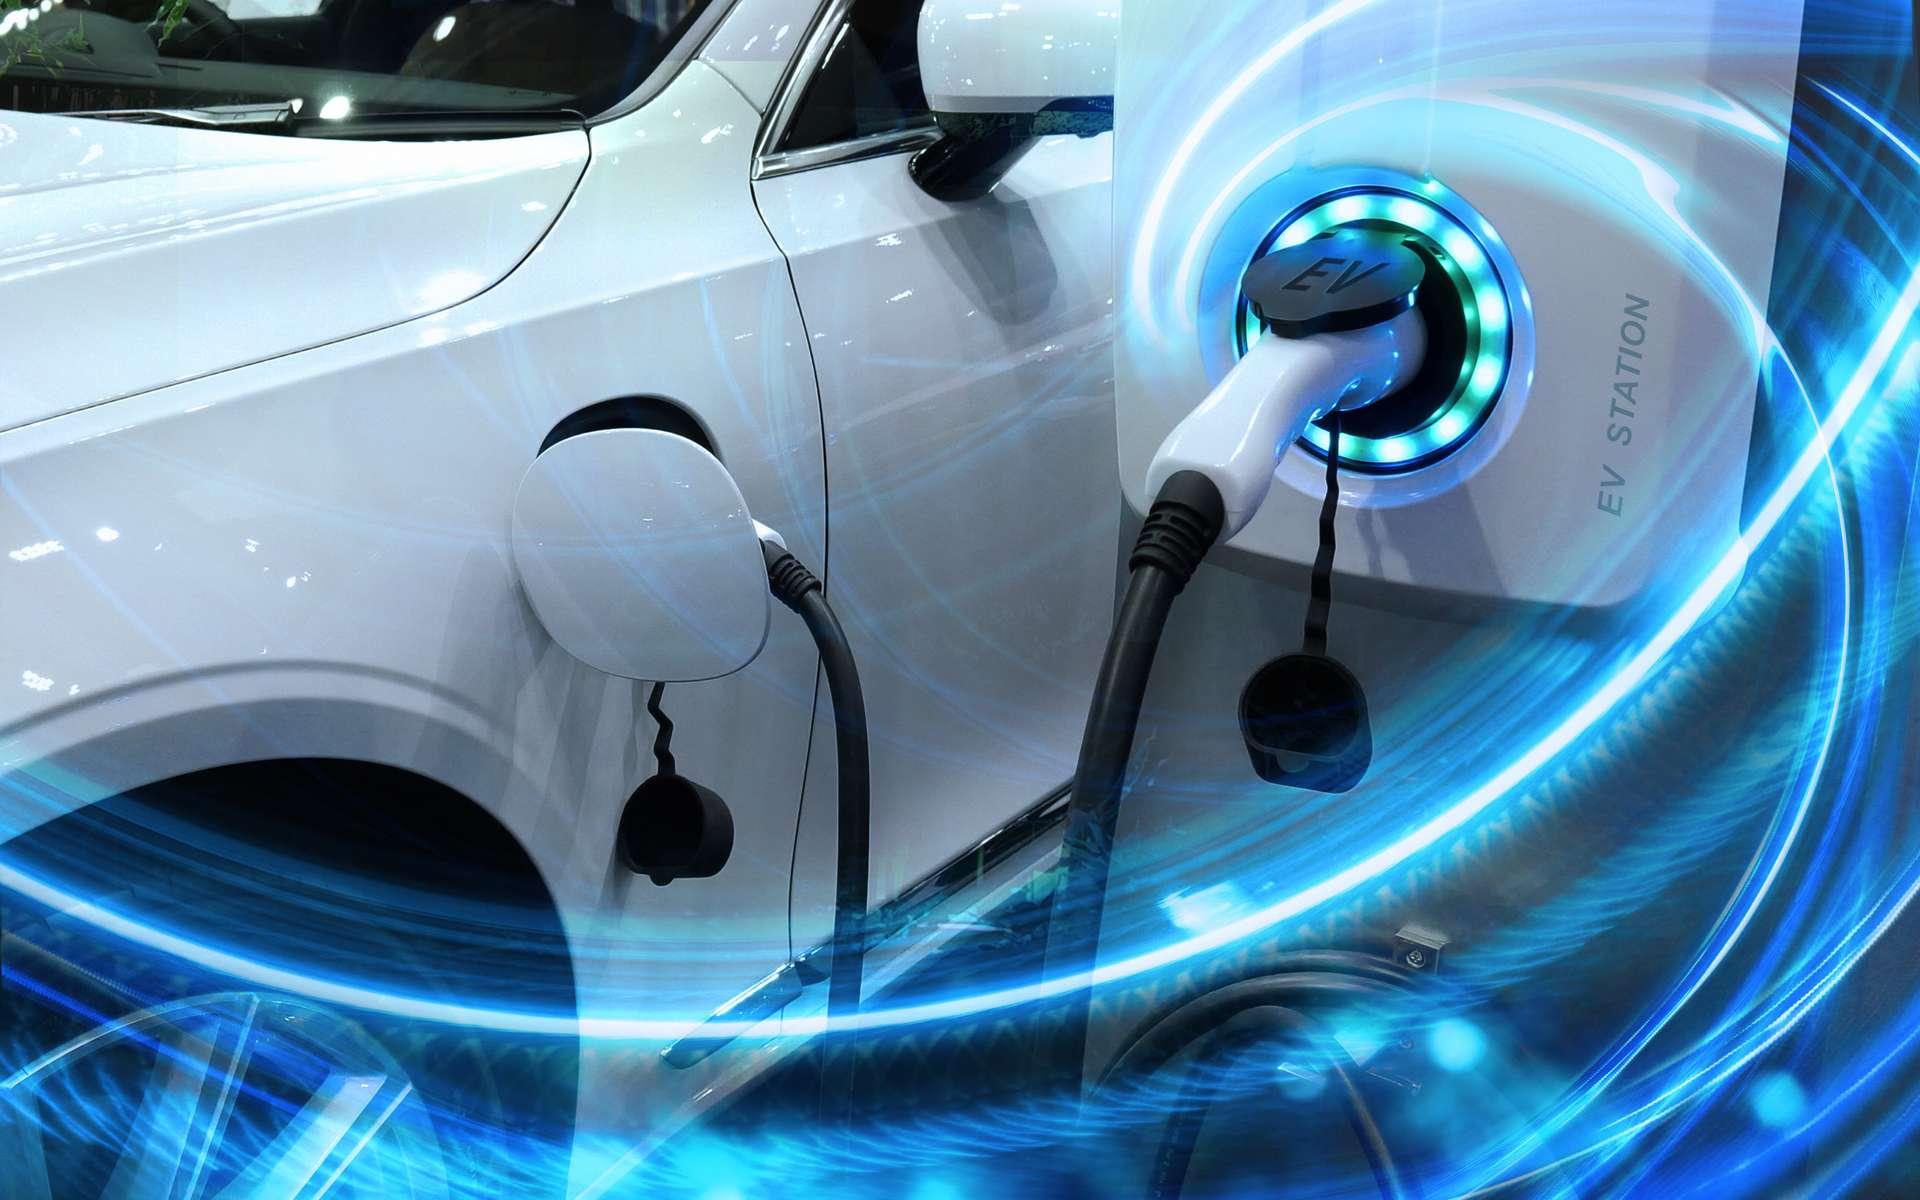 La recharge des véhicules électriques est l'un des principaux problèmes de ce type de véhicule : réseau de bornes de recharge, temps de chargement, etc. © Buffaloboy, Adobe Stock